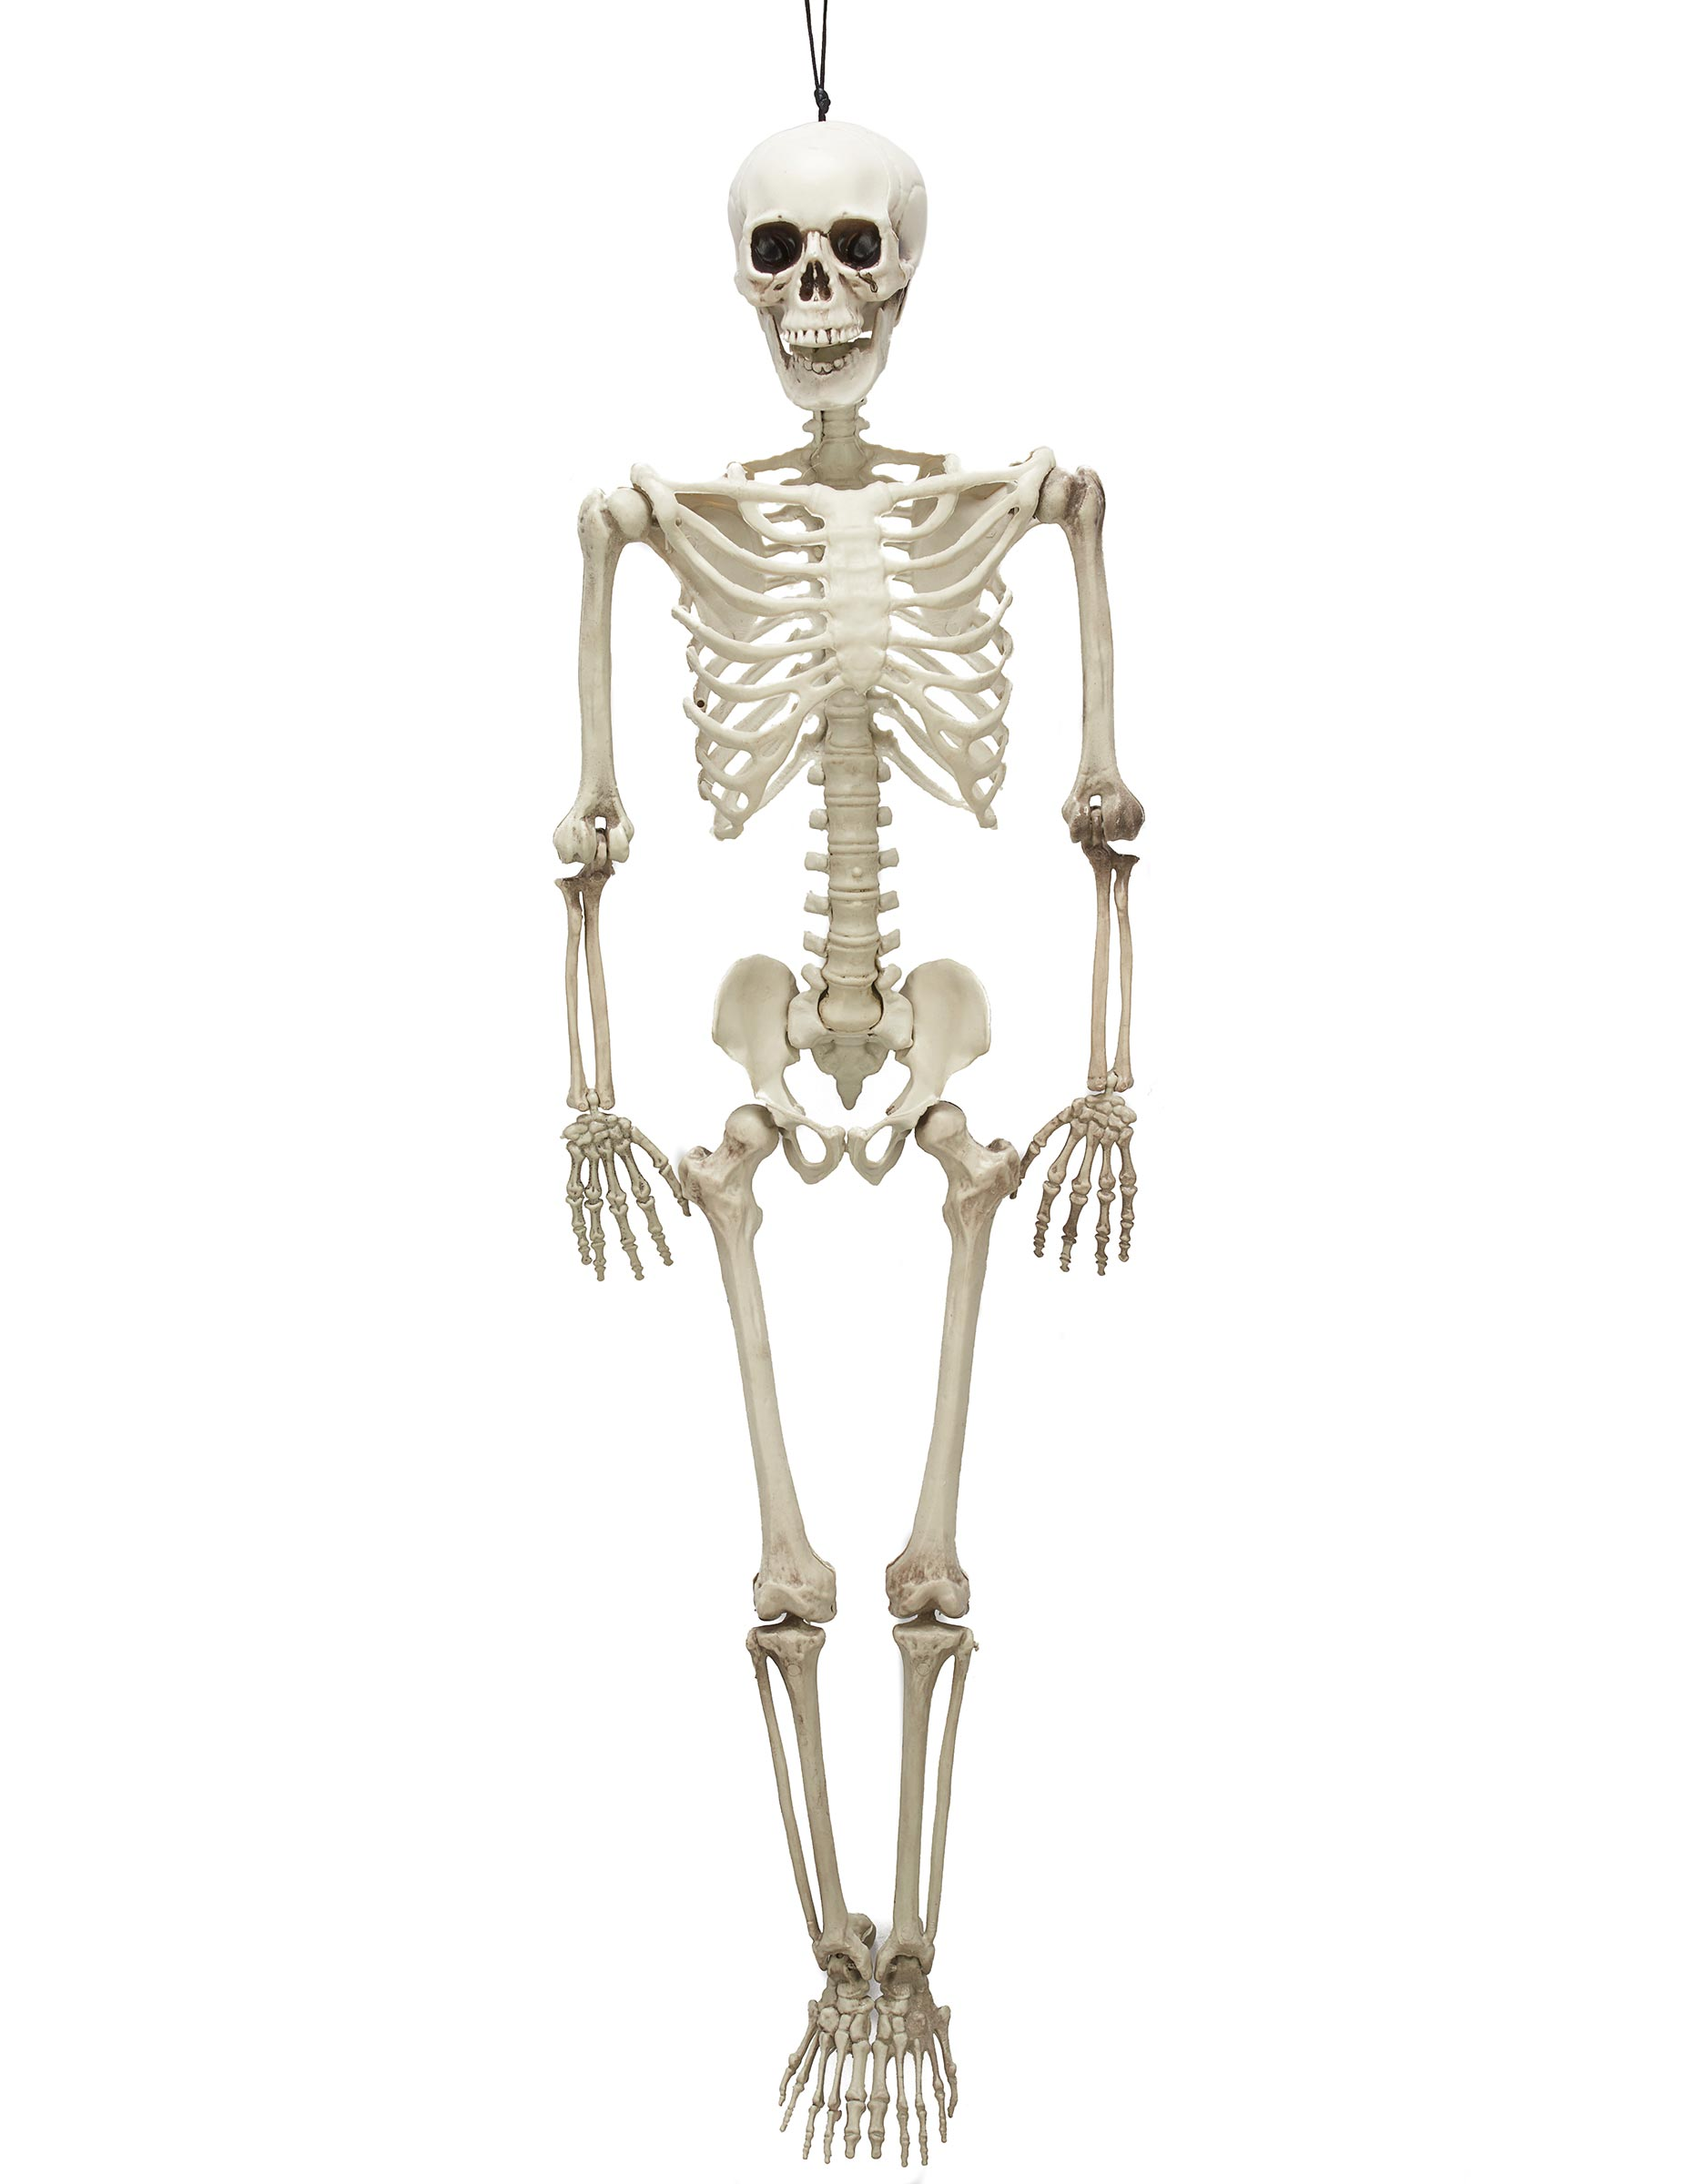 Skeletten decoratie voor halloween decoratie en goedkope carnavalskleding vegaoo - Decoratie voor halloween is jezelf ...